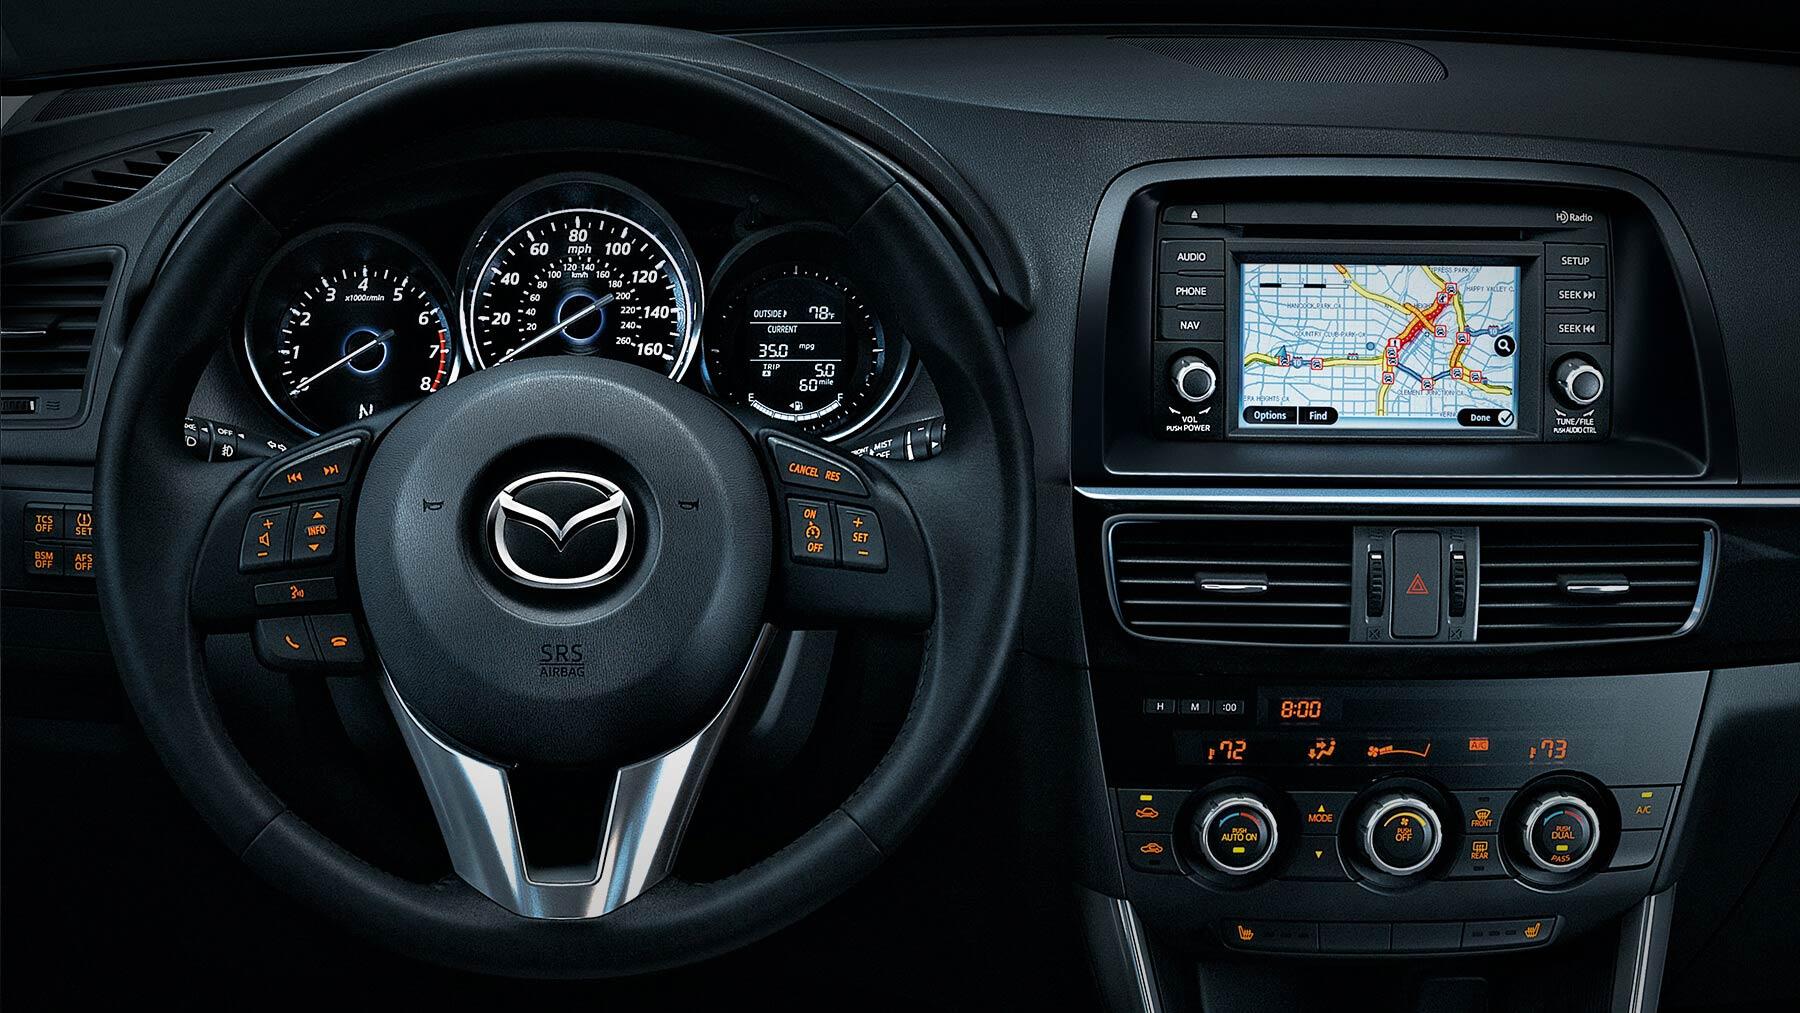 Black Kia Soul >> 2016 Mazda CX-5 Crossover SUV - Fuel Efficient SUV | Mazda USA